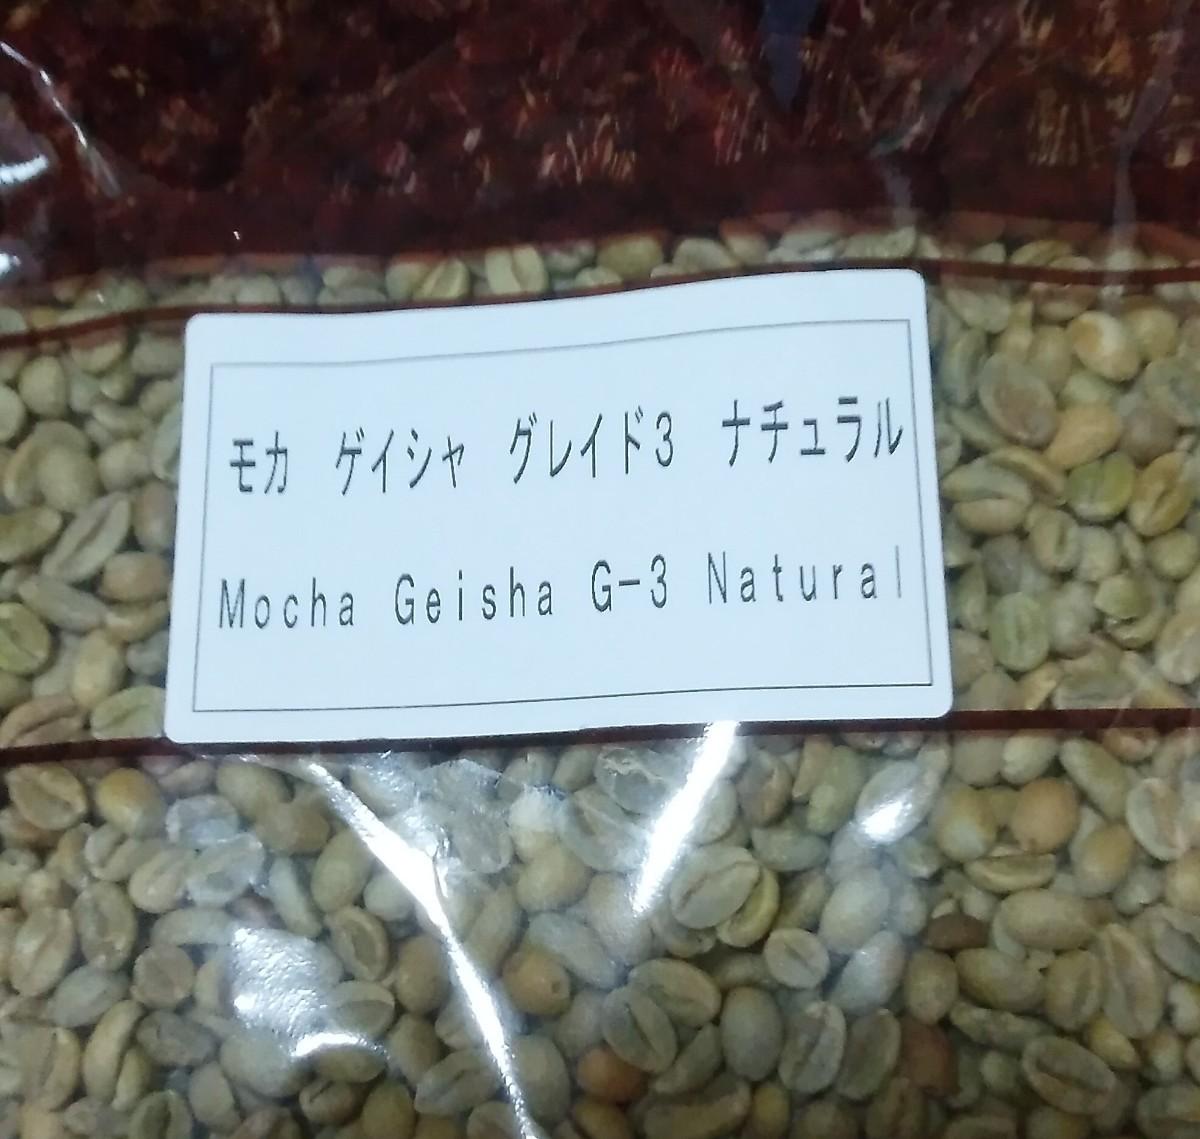 コーヒー豆 エチオピア ゲレナ農園 モカ ゲイシャG-3 800g 焙煎用生豆